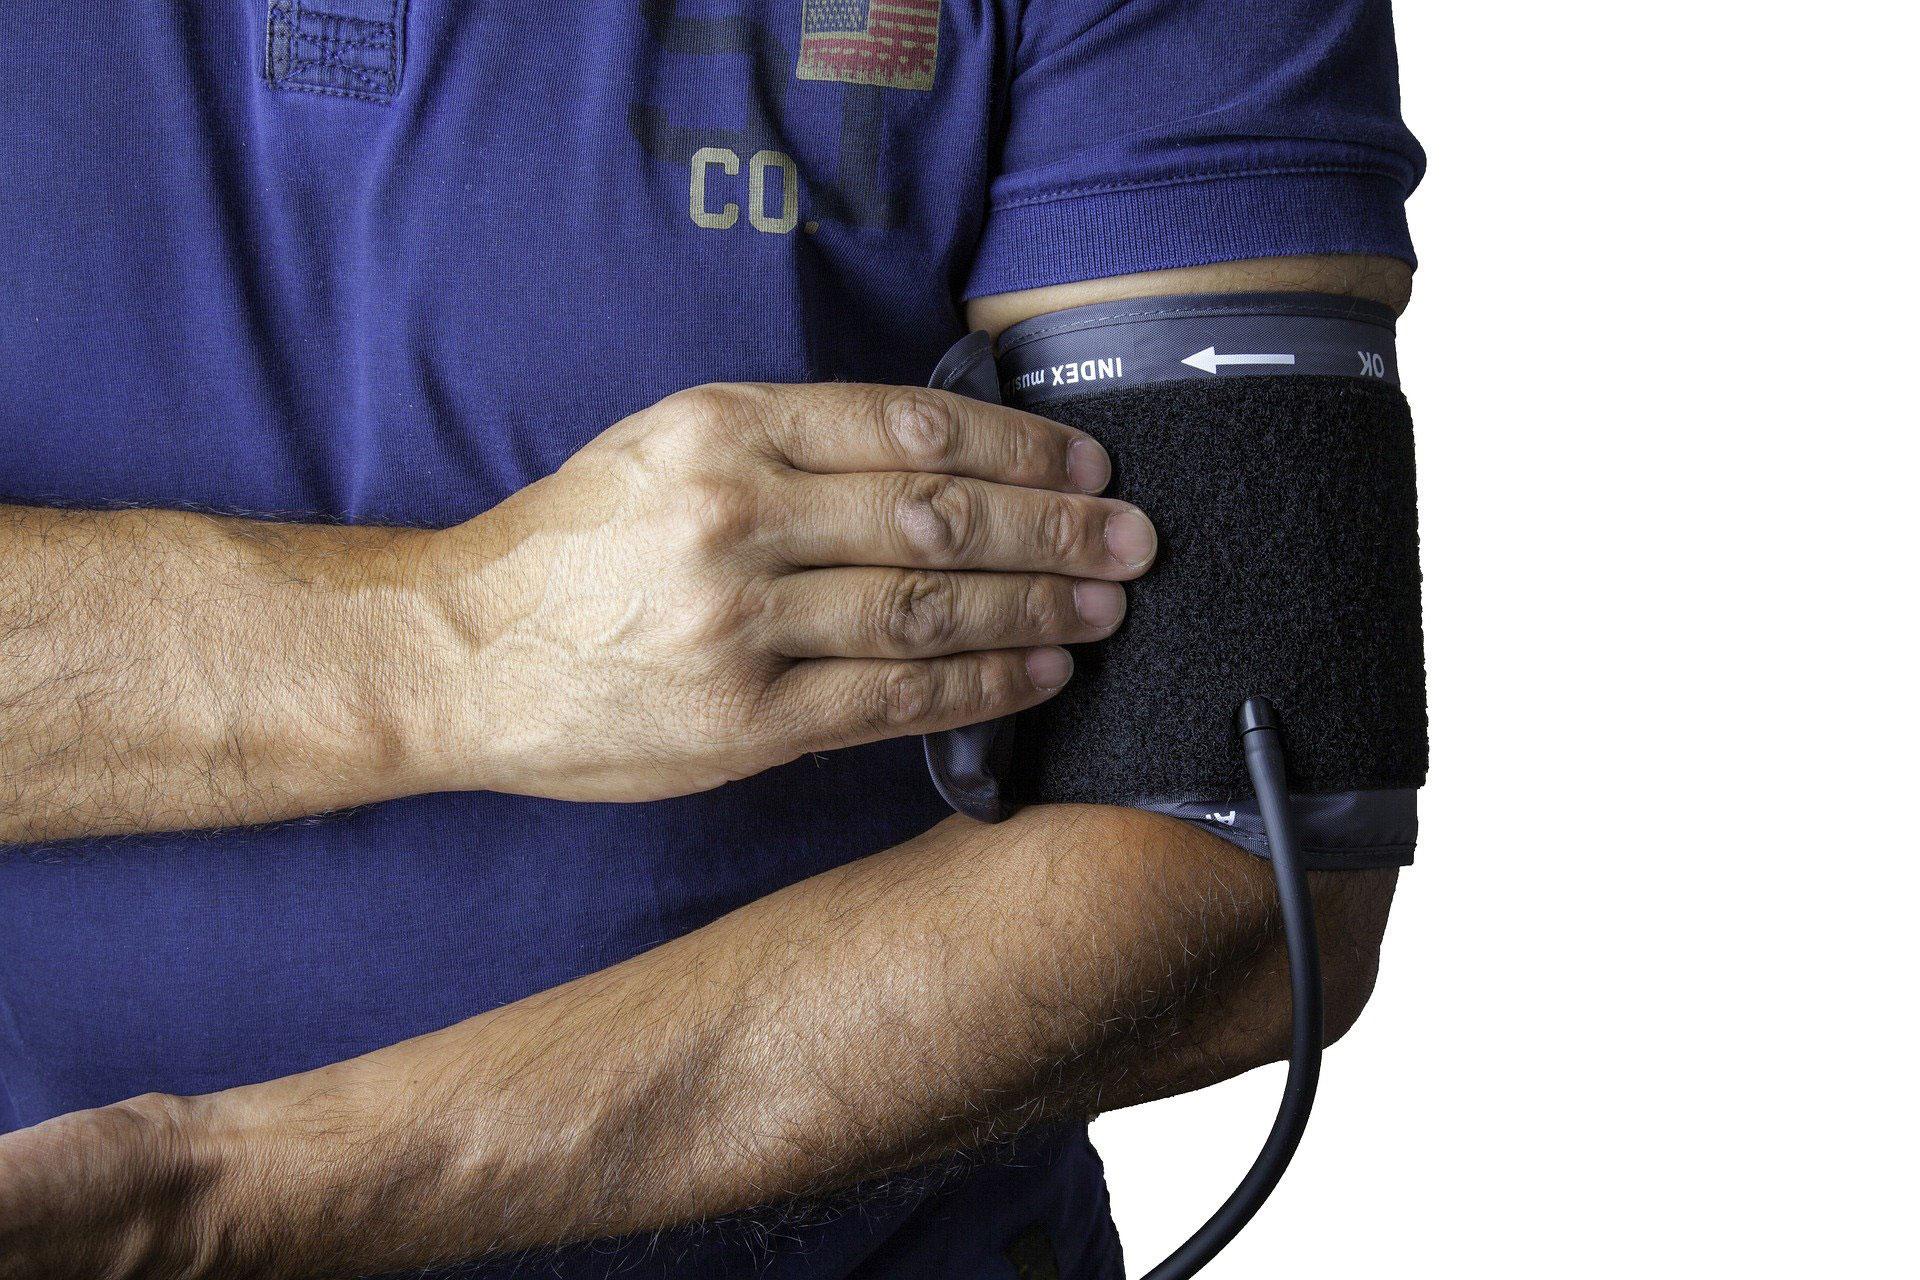 Cuidado y prevención en enfermedades crónicas no transmisibles